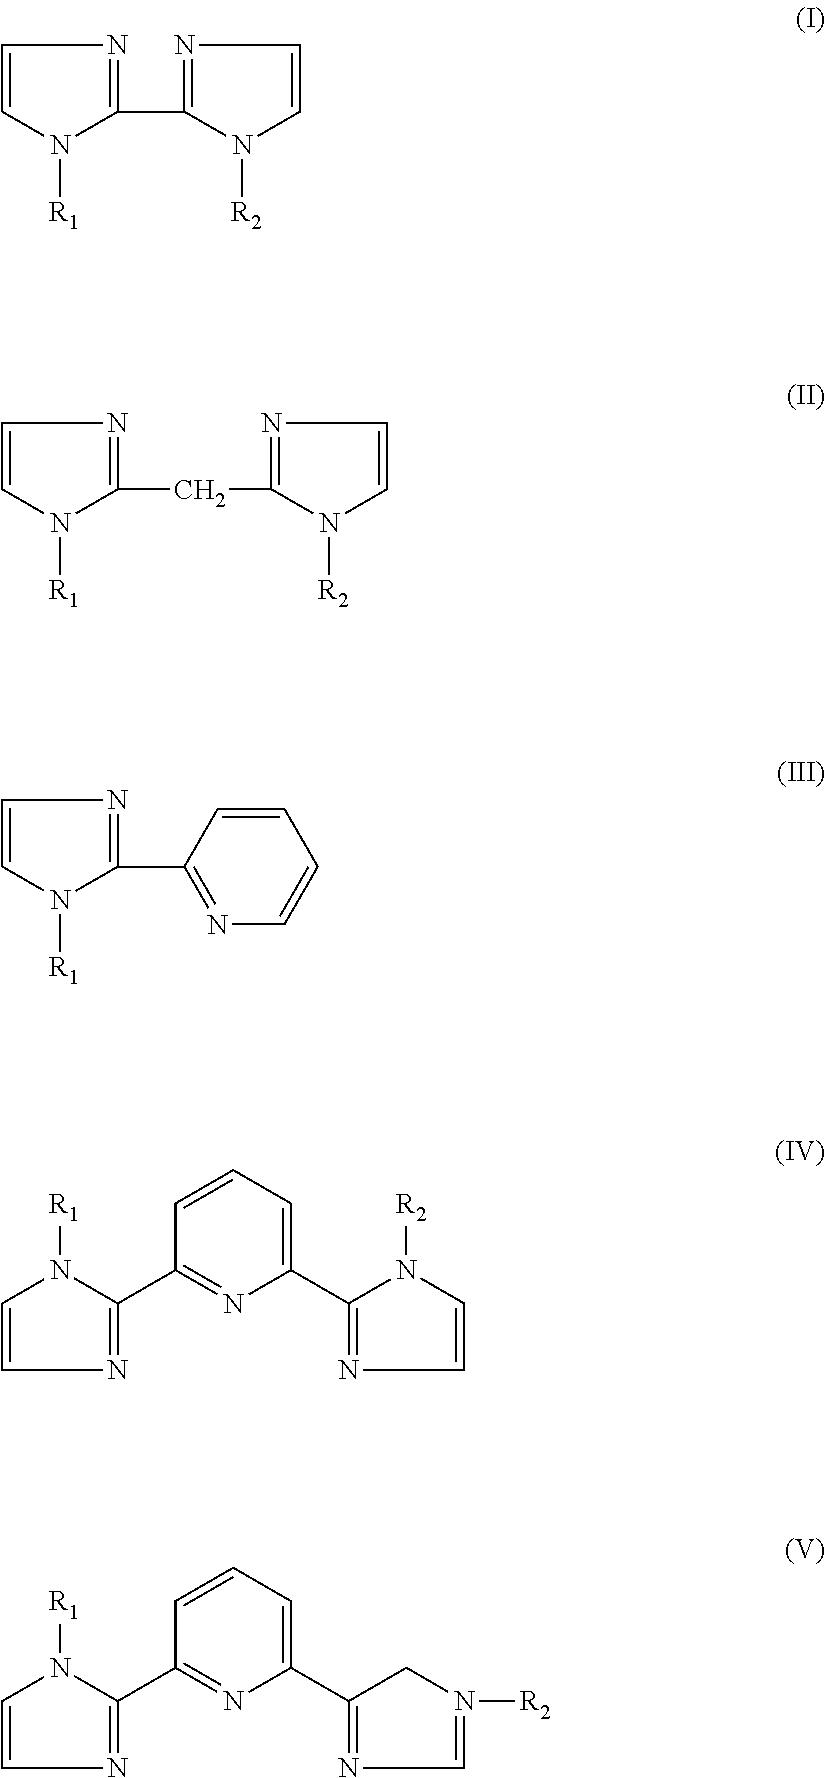 Figure US08272125-20120925-C00001